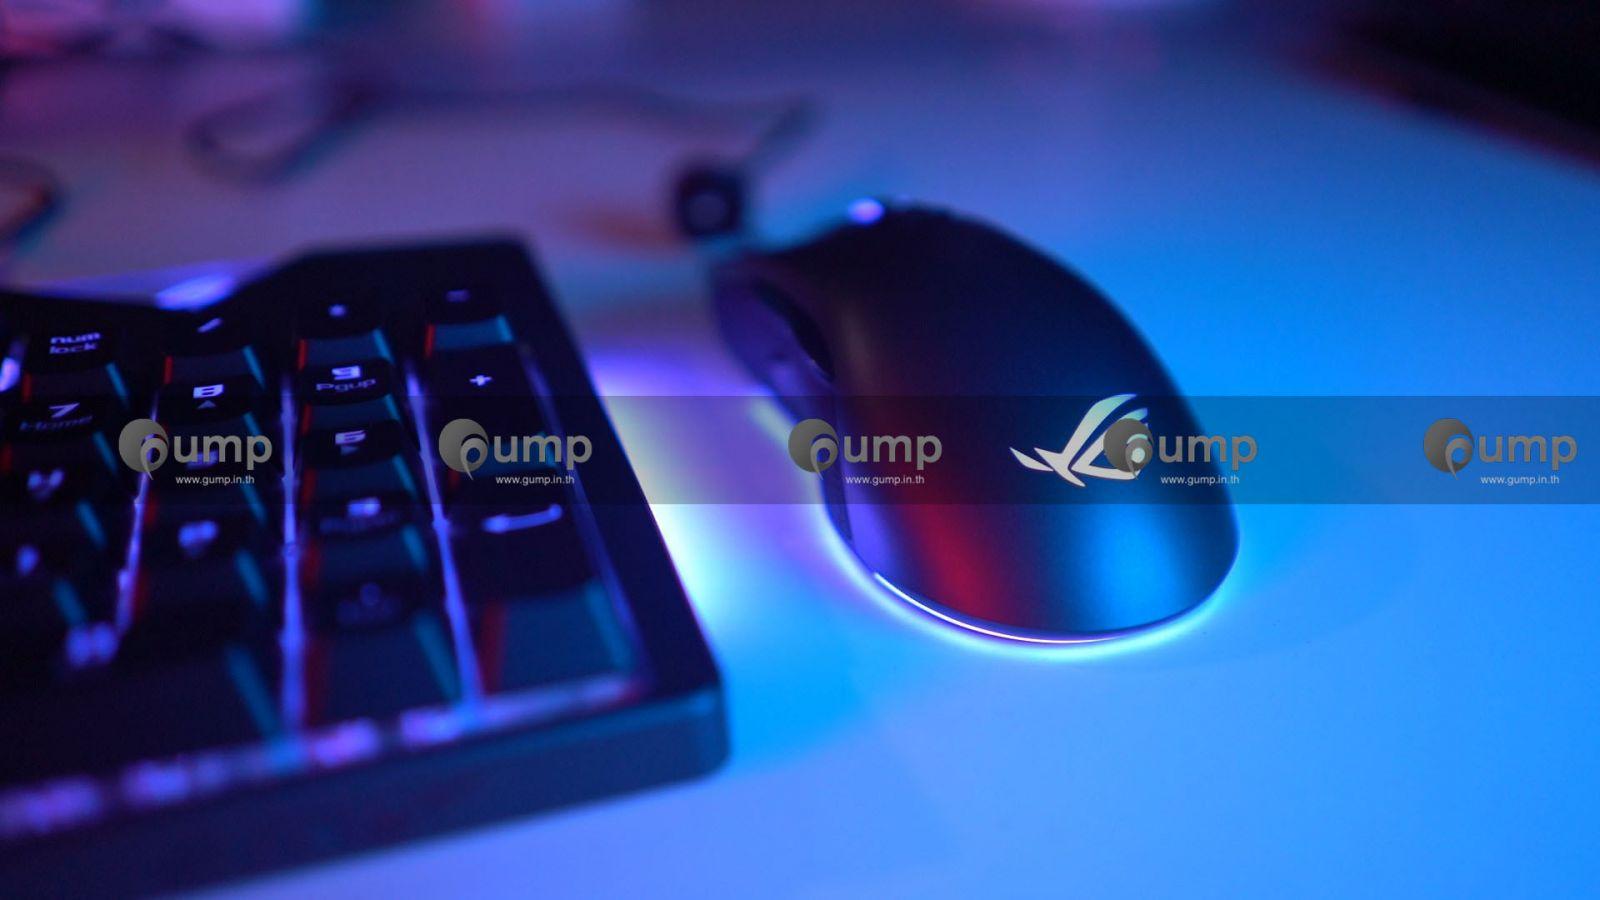 รีวิว-Review] Asus Gladius 2 & Strix Flare RGB - GUMP IN TH